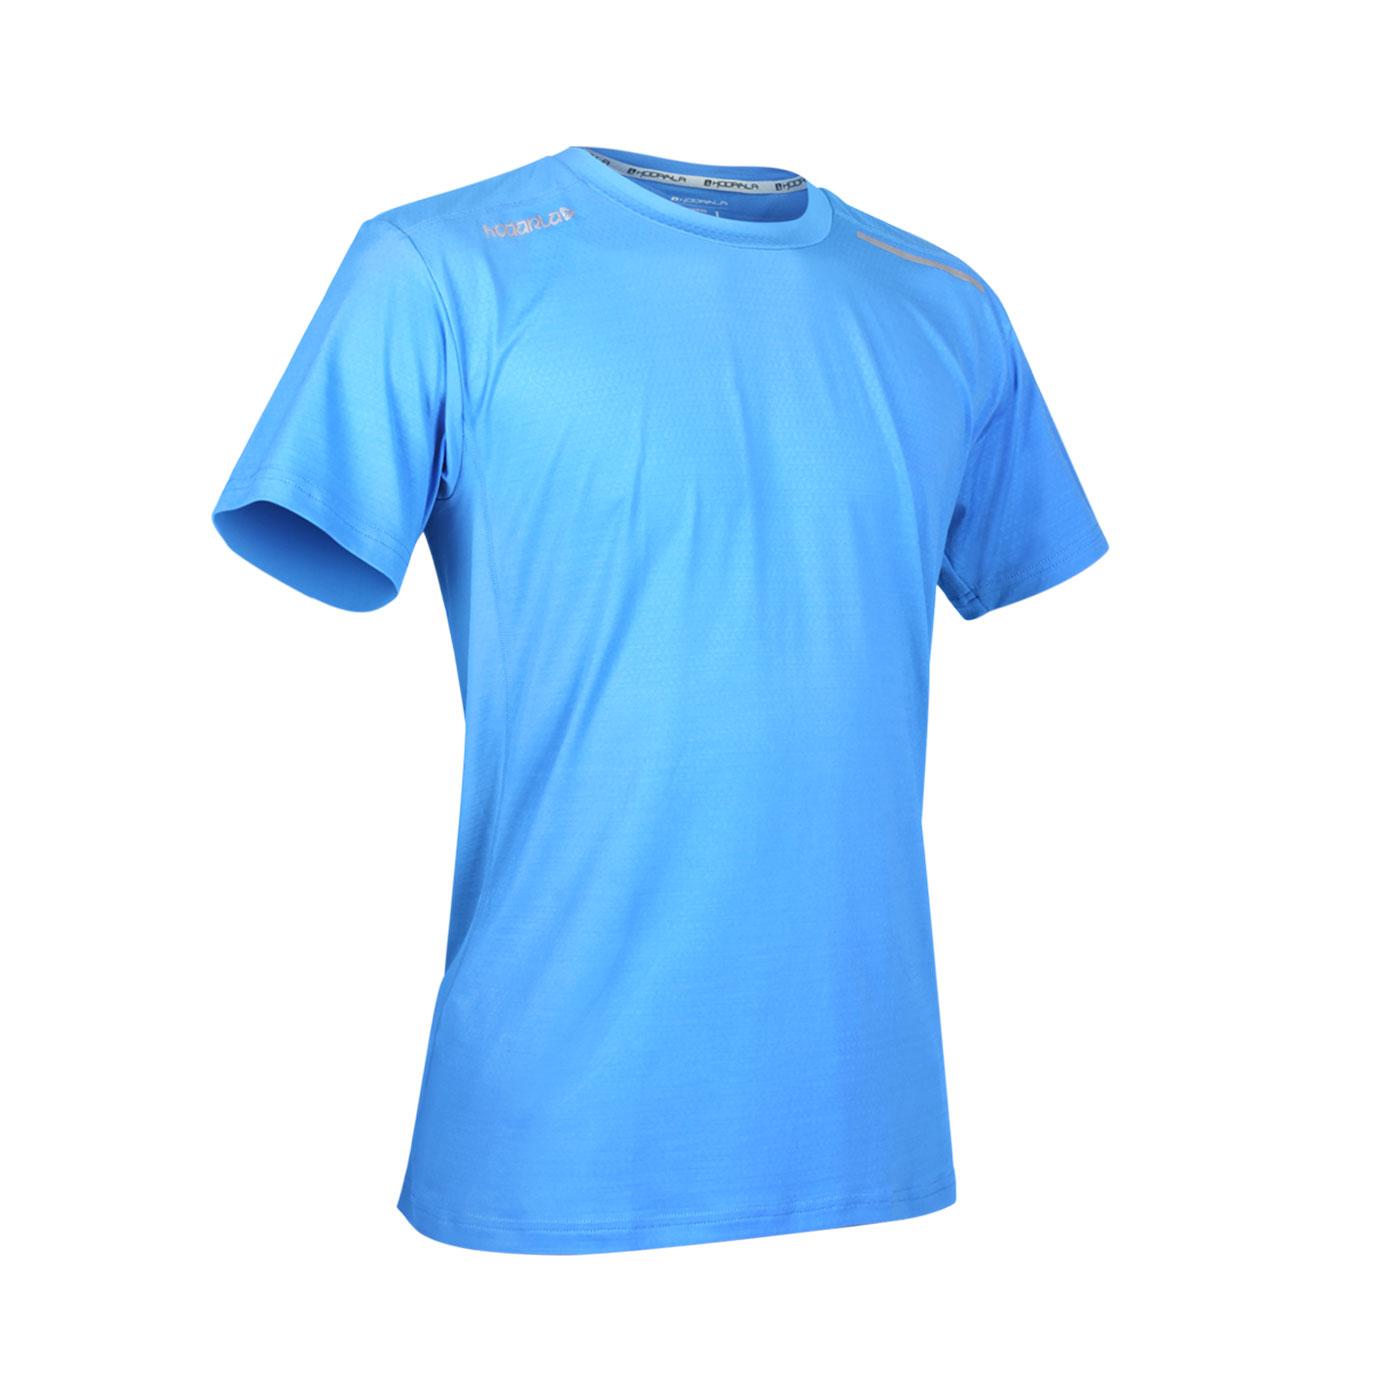 HODARLA 冰沁涼爽短袖T恤 3153101 - 藍